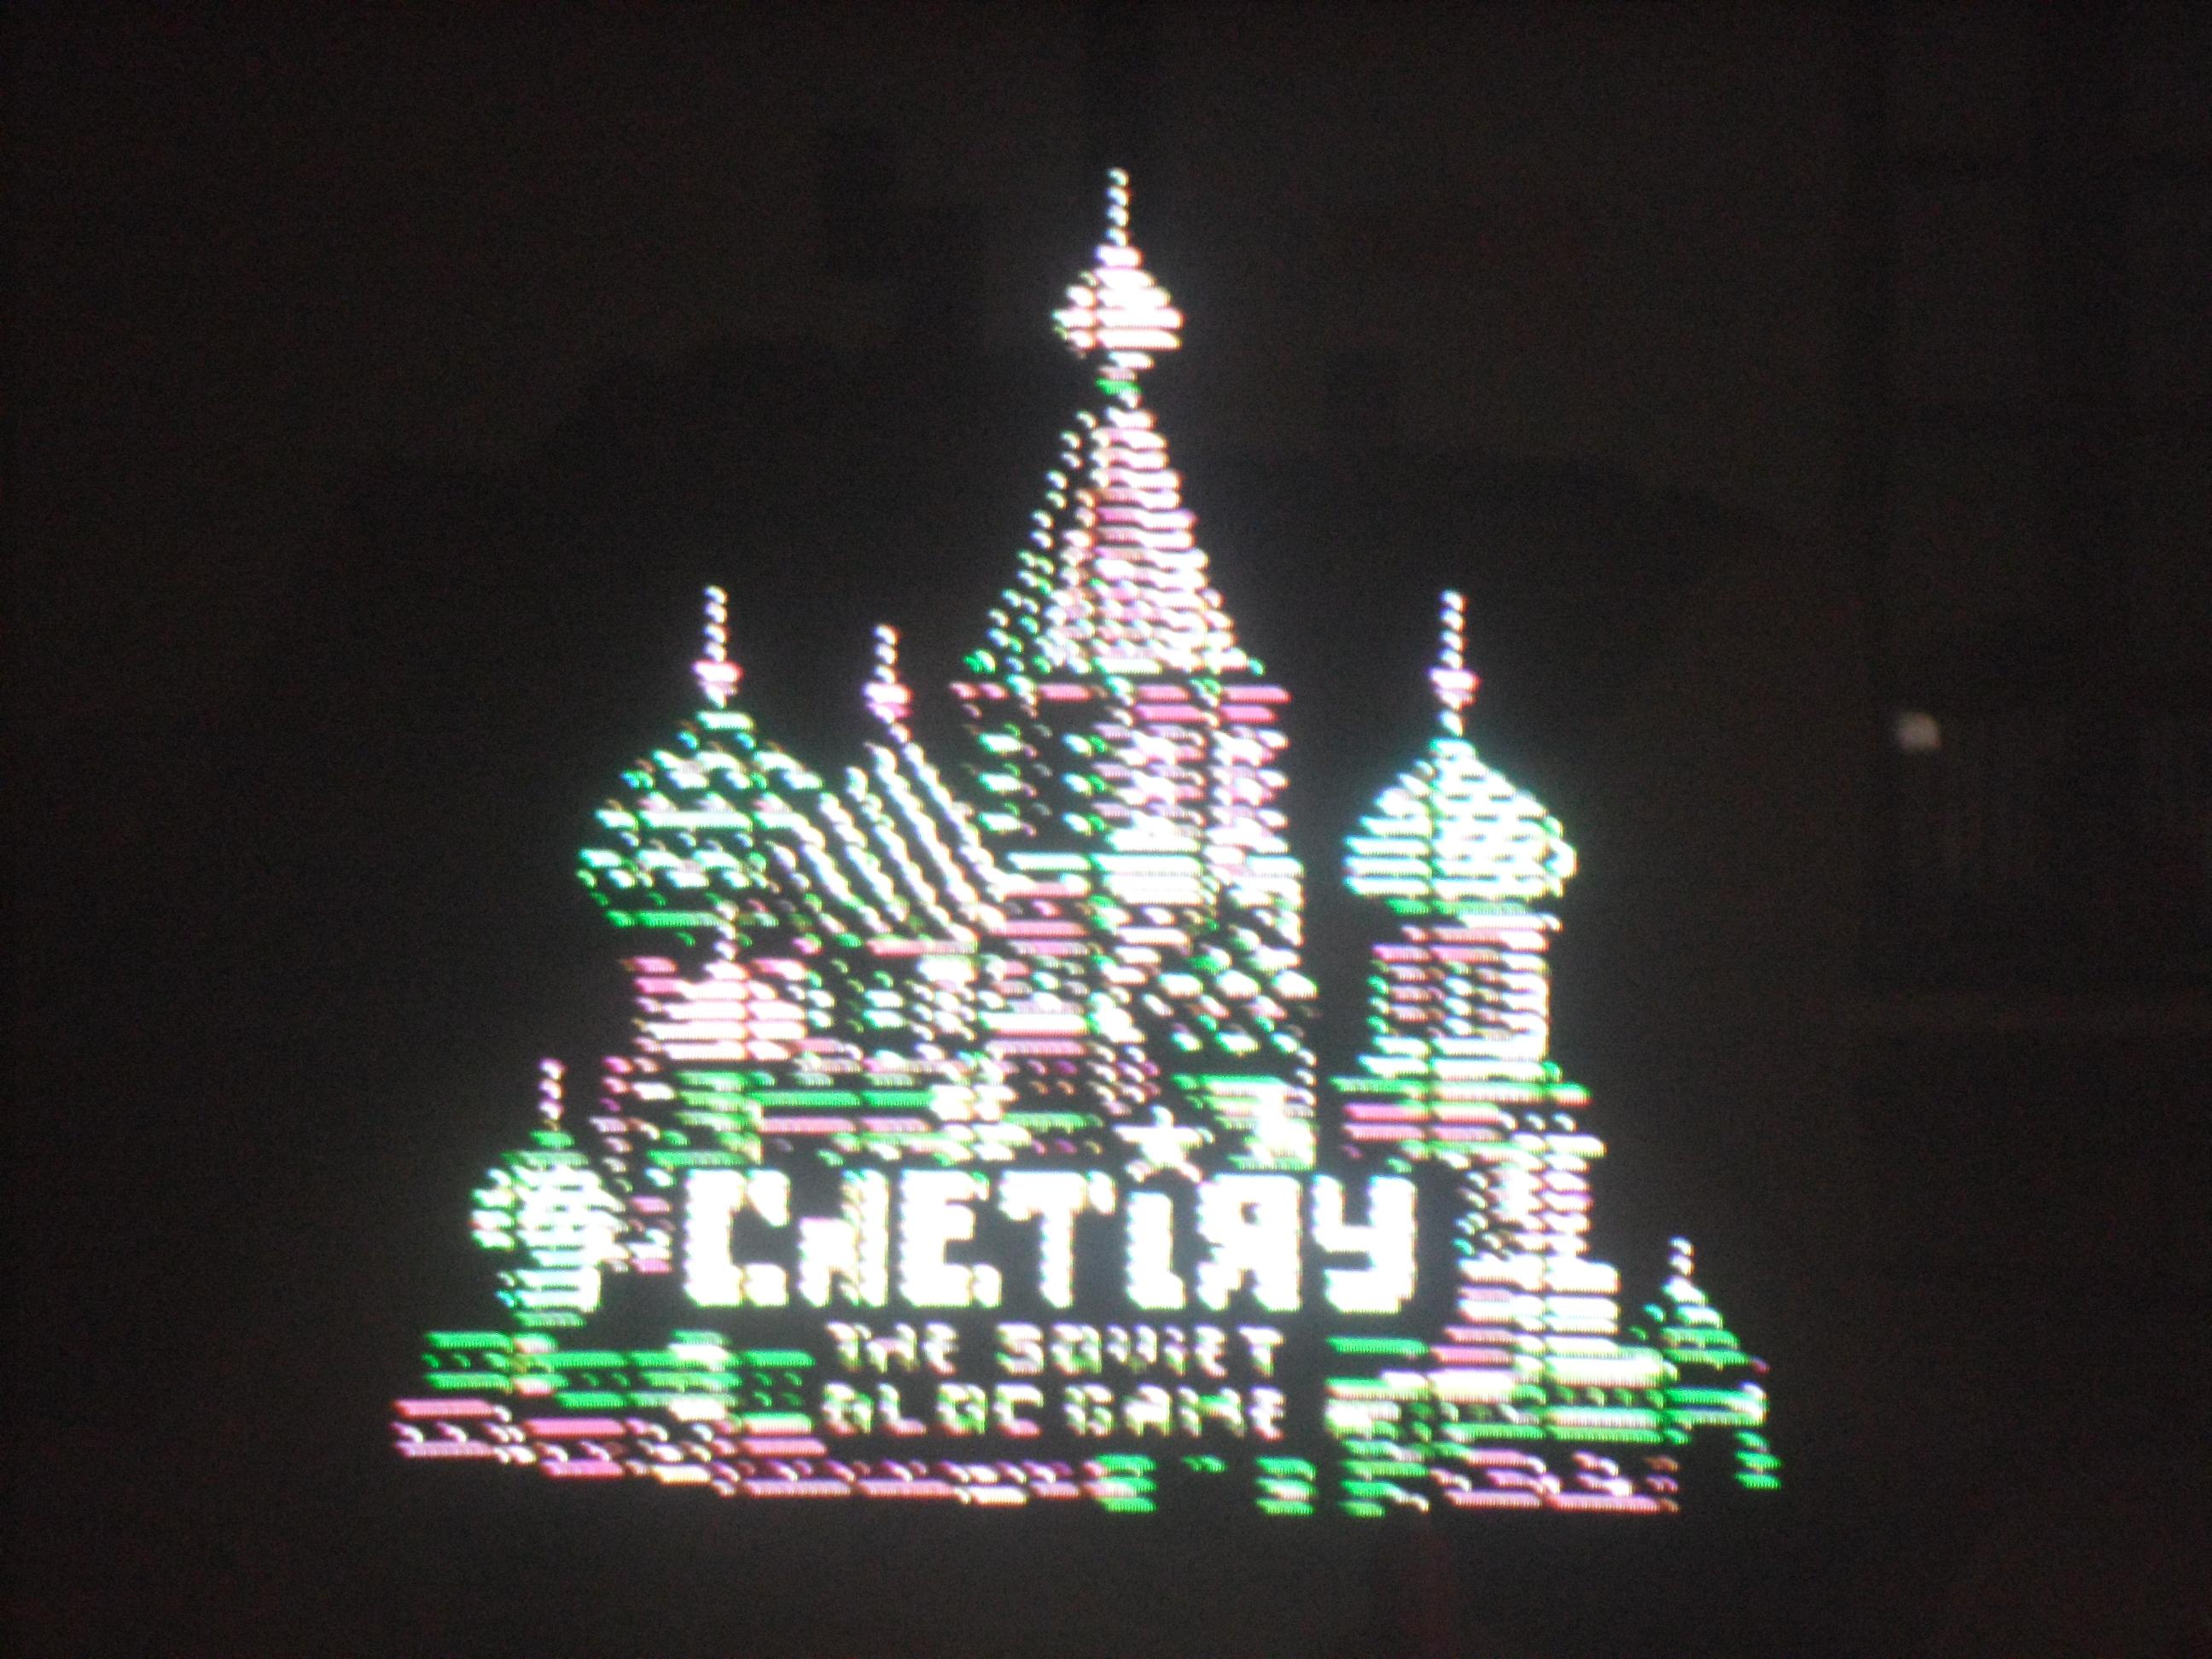 CHETIRY CASTEL 2